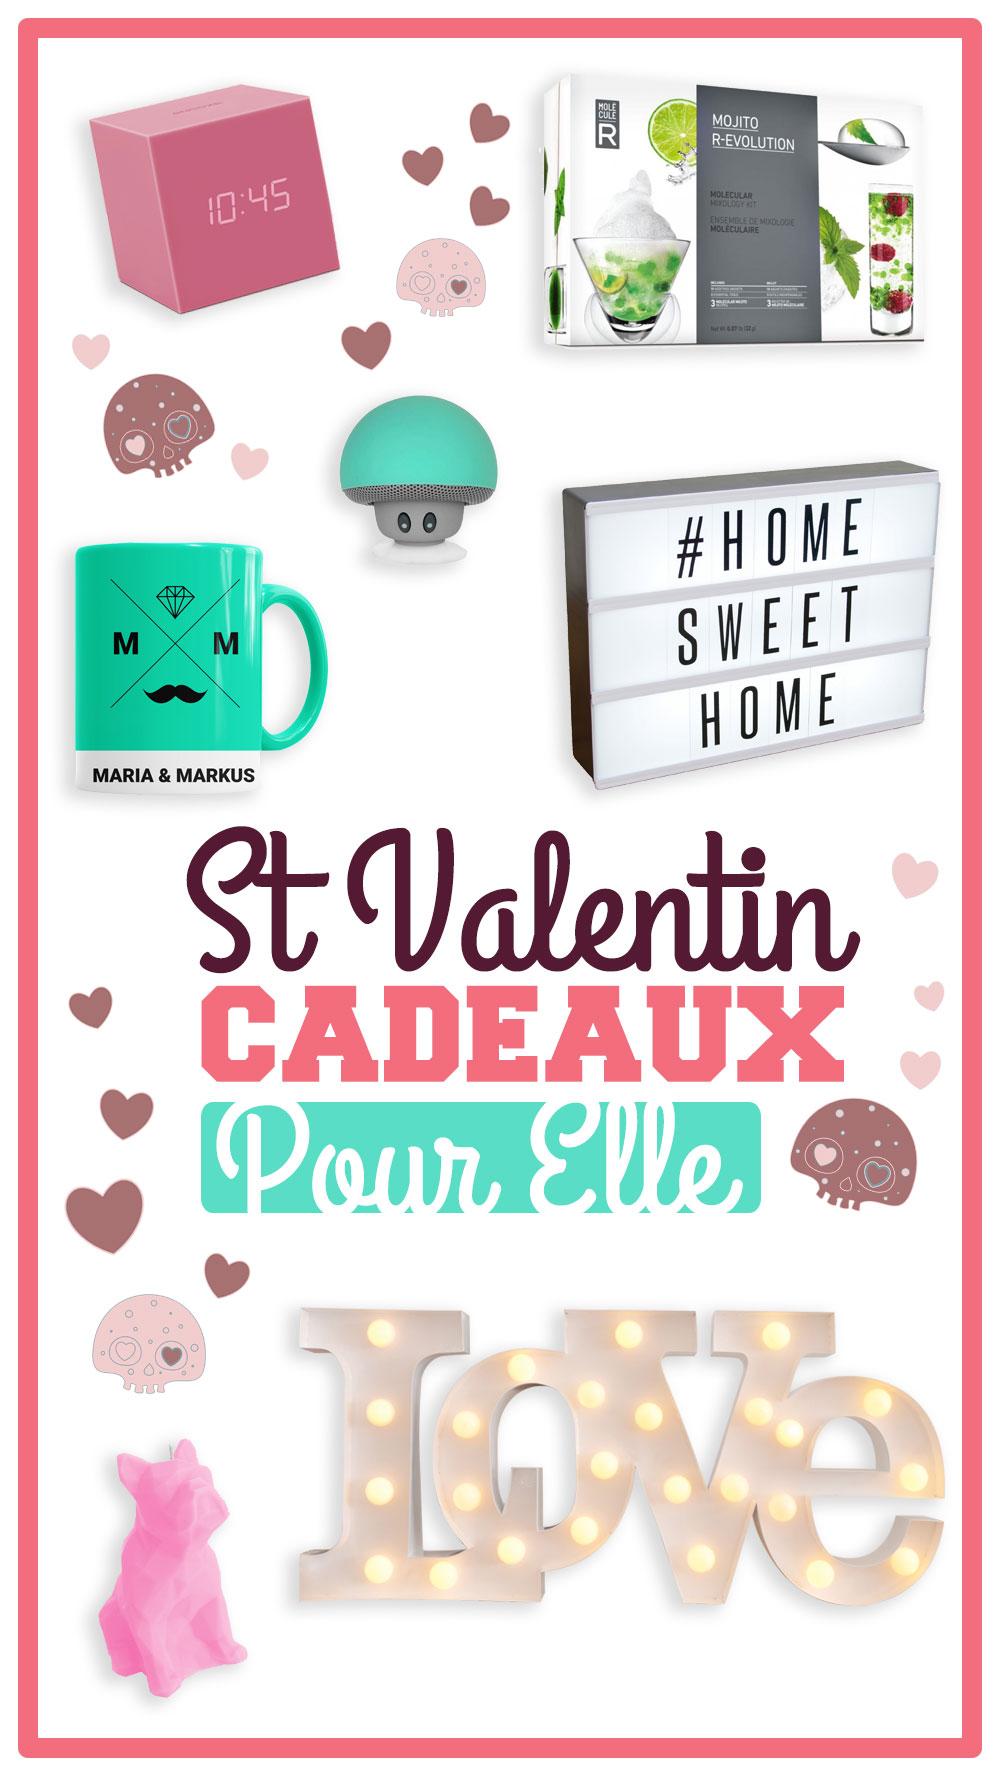 trouvez votre cadeau saint valentin femme cadeauxfolies. Black Bedroom Furniture Sets. Home Design Ideas